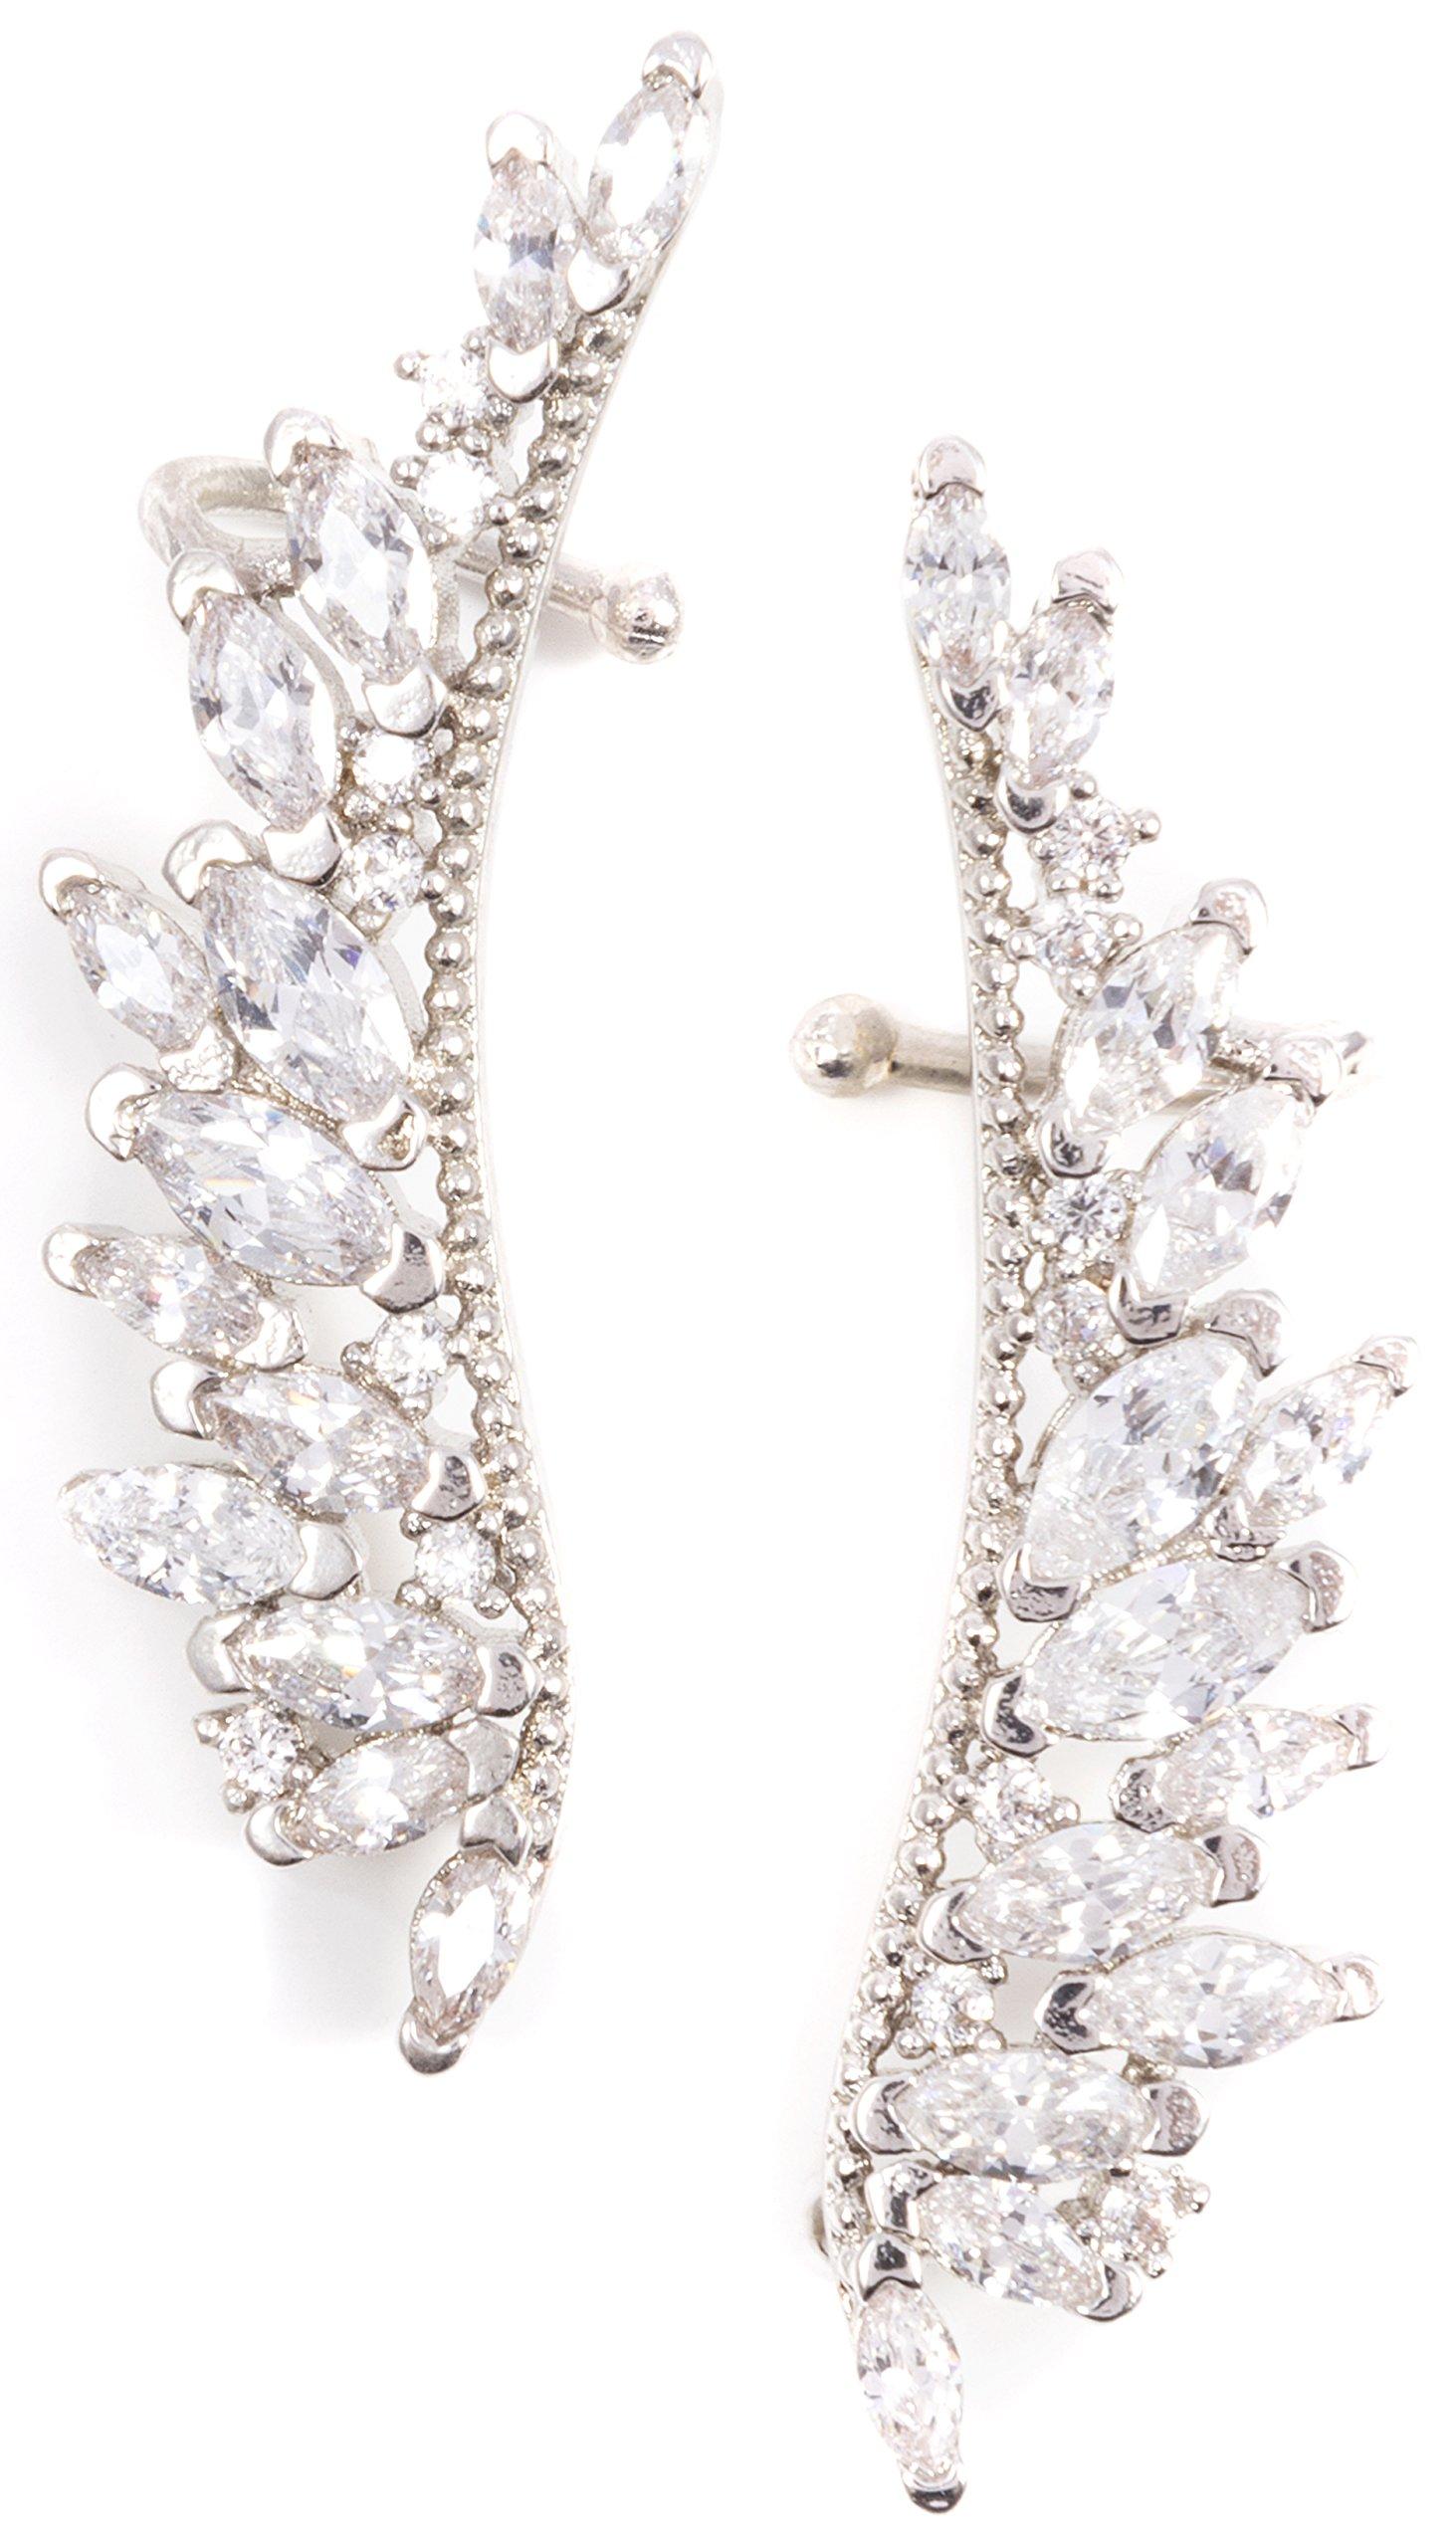 Angel Wing Ear Crawler Earrings in Silver Color | Statement Ear Cuffs Earrings with Zircon Stones